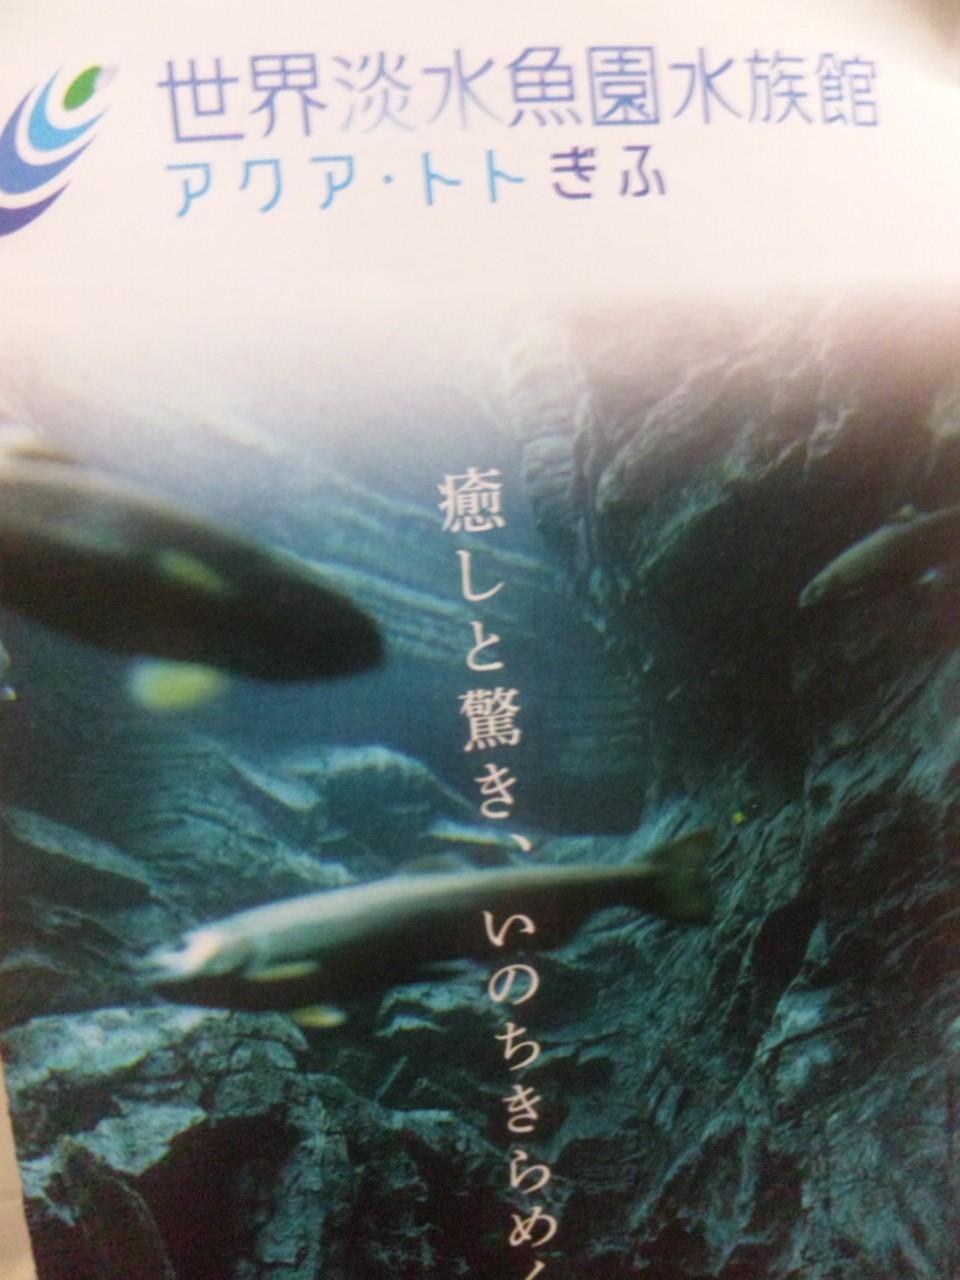 SH3J0663.jpg